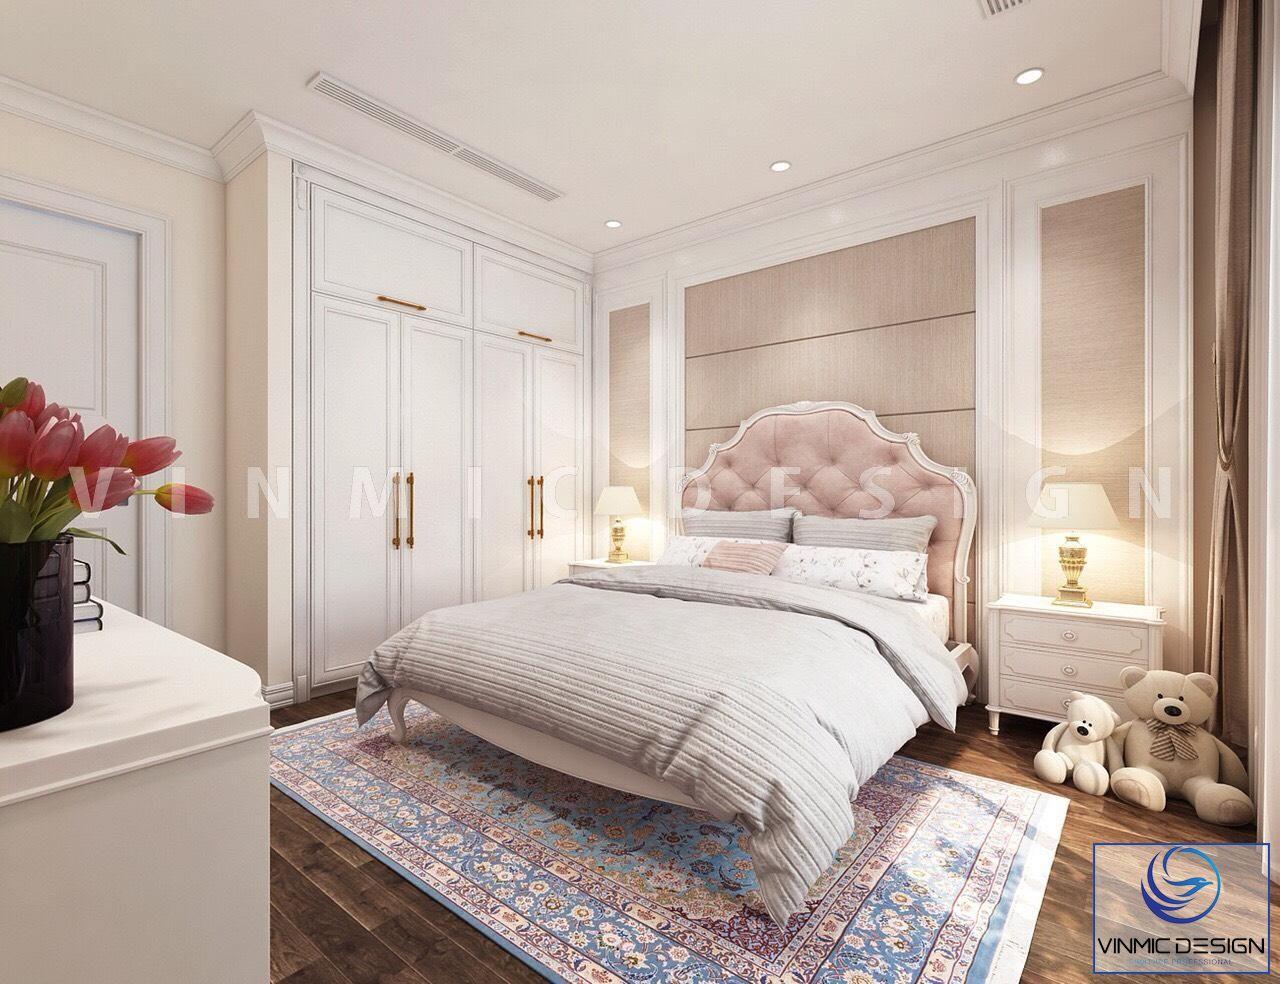 Tủ quần áo âm tường đẹp trong công trình thiết kế nội thất phòng ngủ bé gái phong cách tân cổ điển tại biệt thự Vinhomes Imperia Hải Phòng